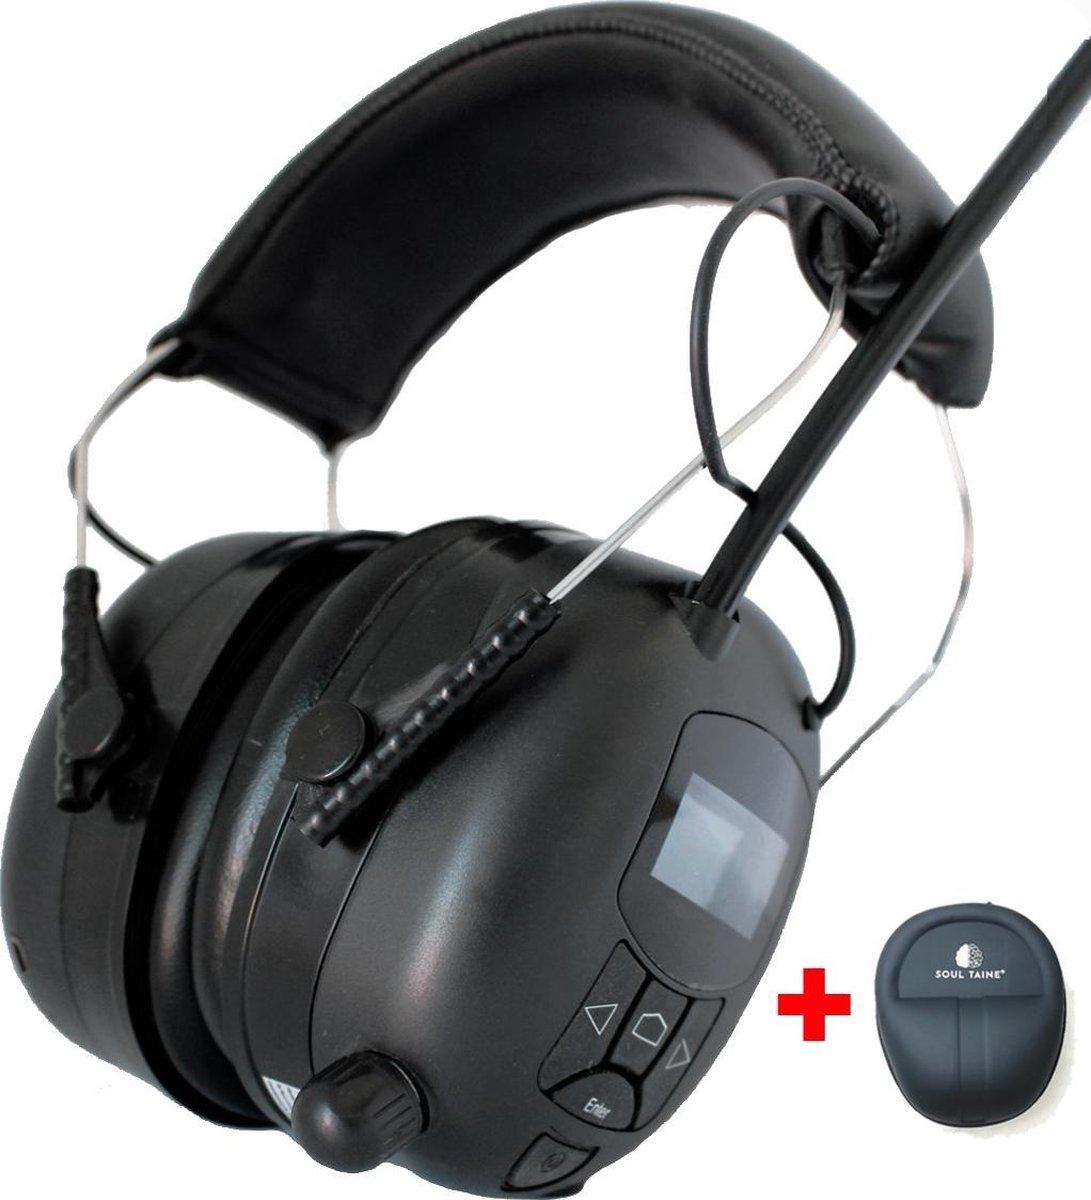 Gehoorbescherming met Radio - DAB+ - Oorbeschermers met Bluetooth en AUDIO ingang - Oplaadbaar - Inc